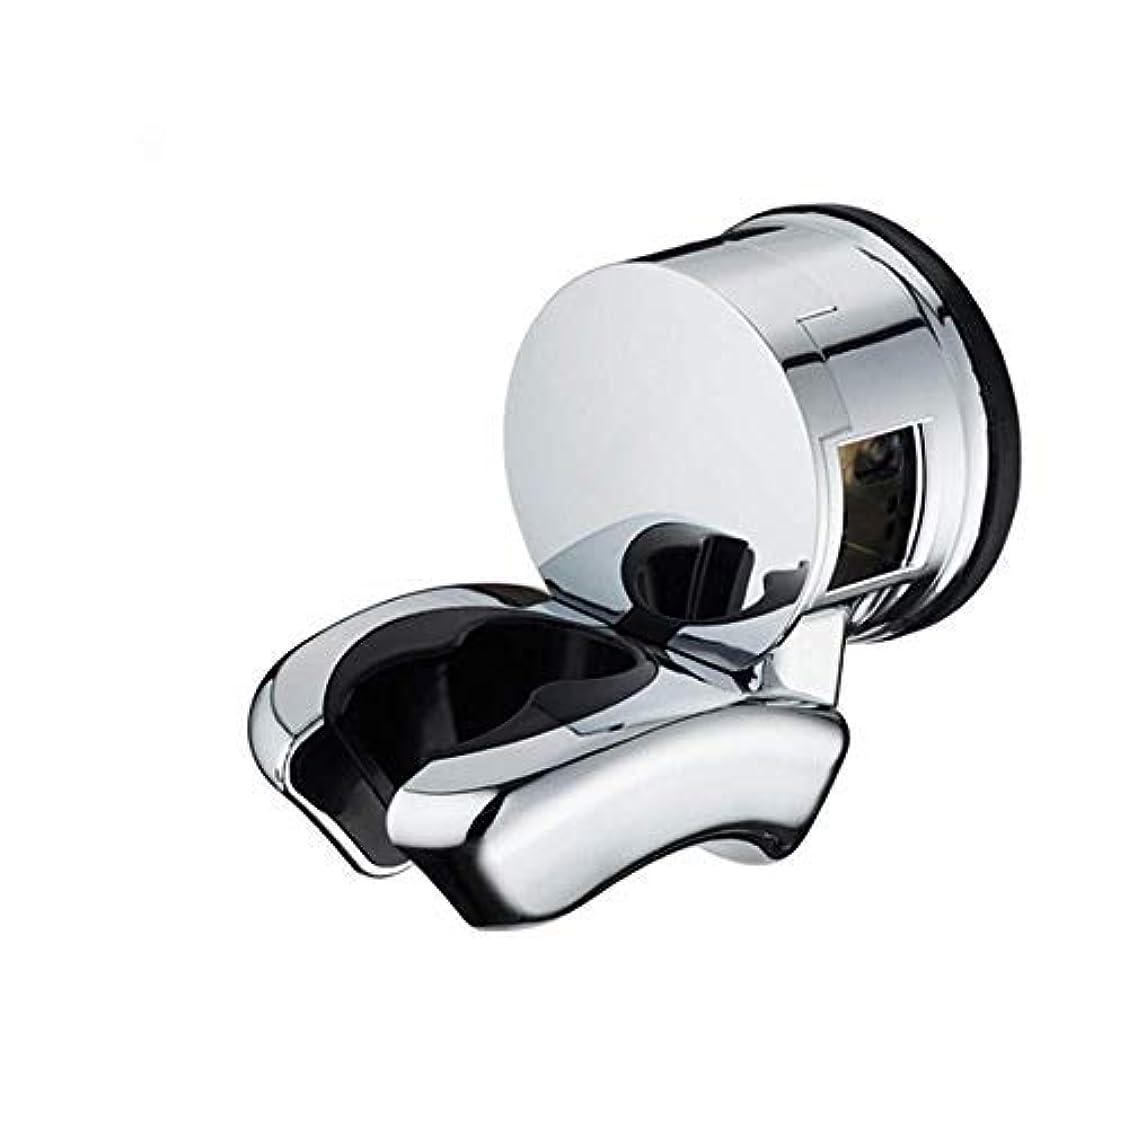 誰列挙する部分Simg 吸盤式シャワーフック 壁を傷つけない 真空吸盤仕様 移動できる シルバーメッキ 穴あけ&ネジ止め不要 取り付け簡単 (A)